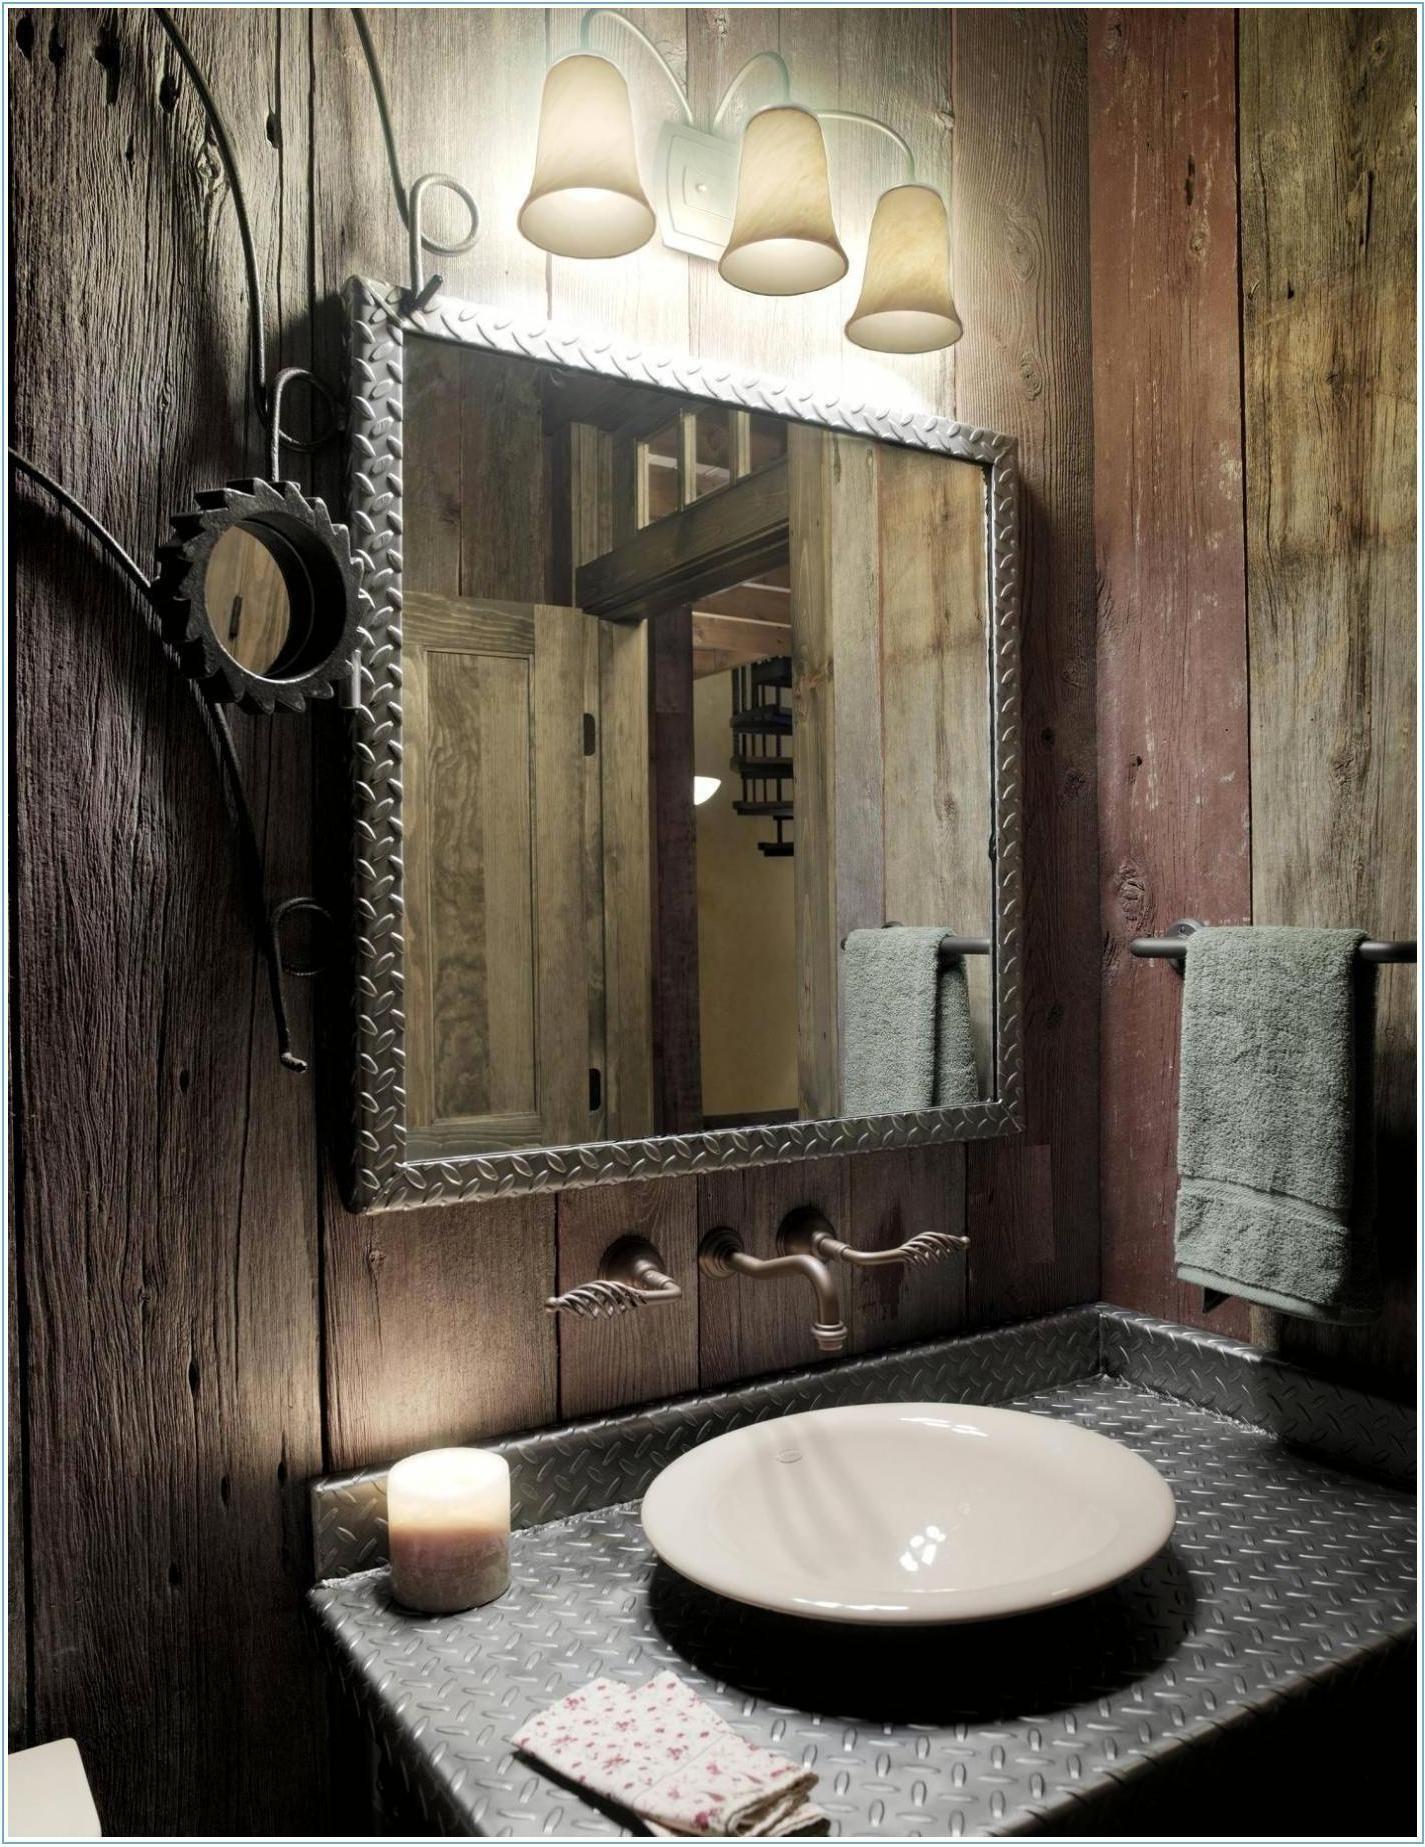 Beau Steampunk Bathroom Plus